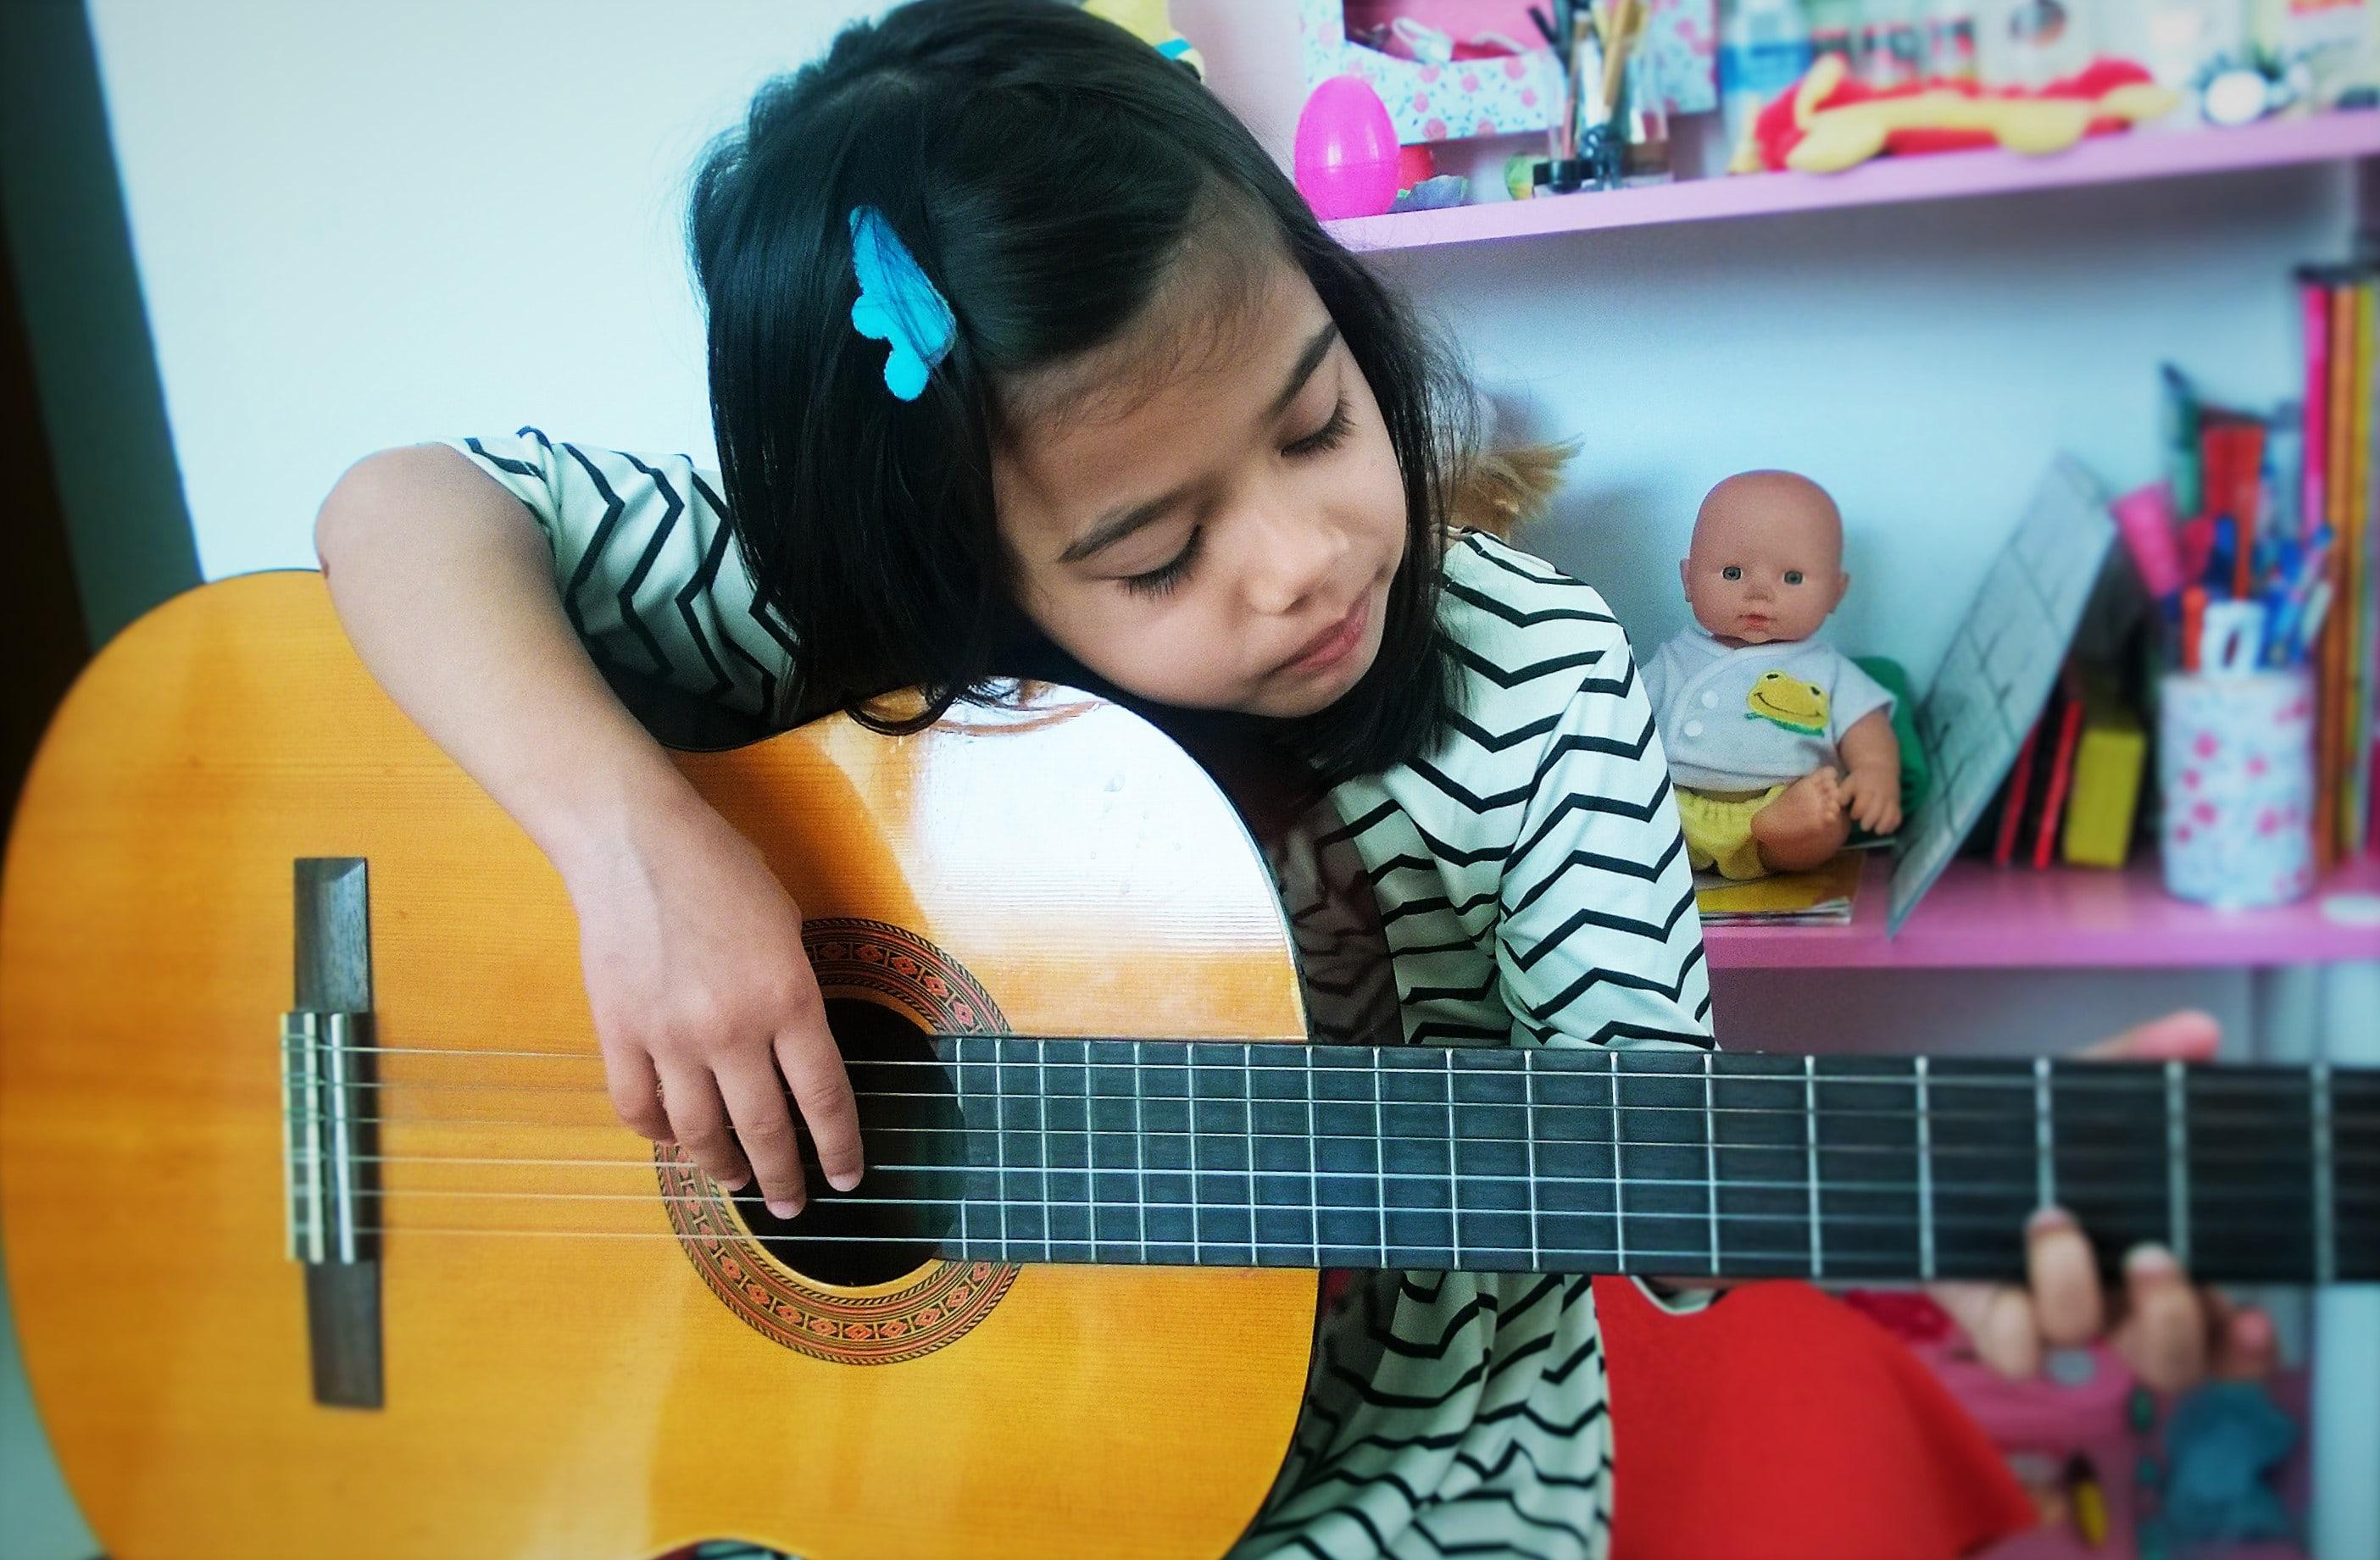 bambina suona chitarra